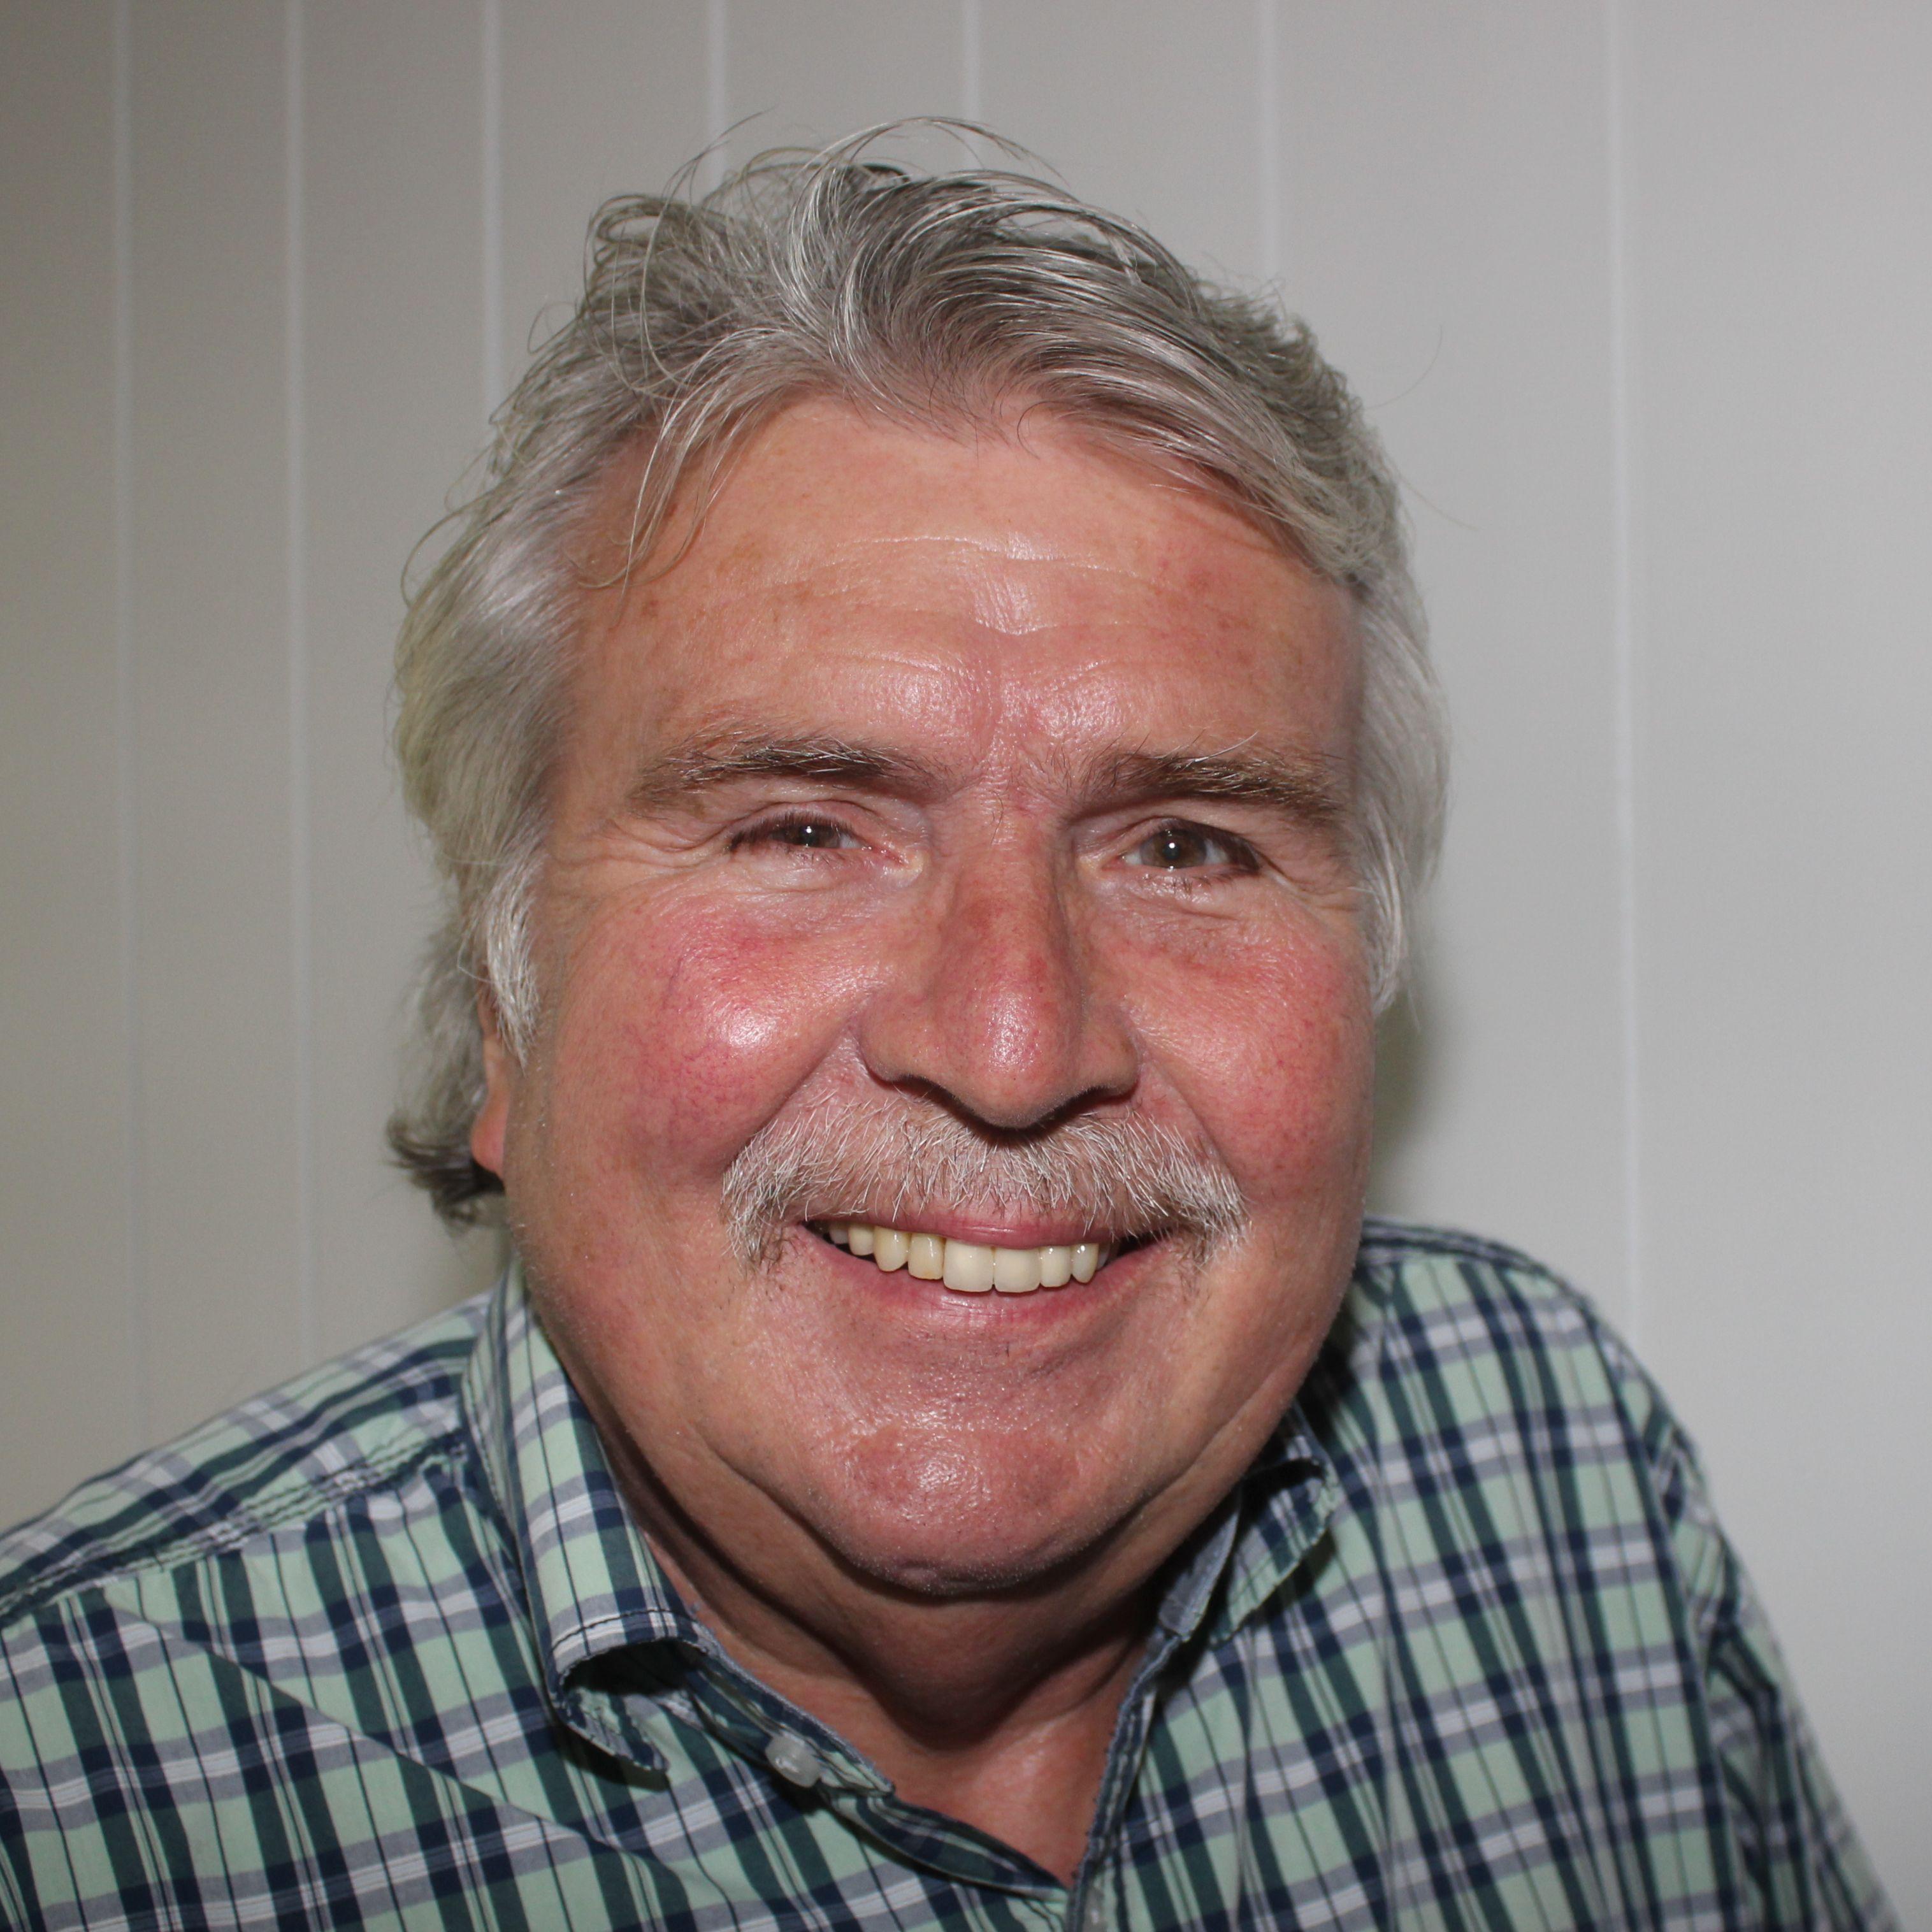 Hans-Peter Wohlgehagen